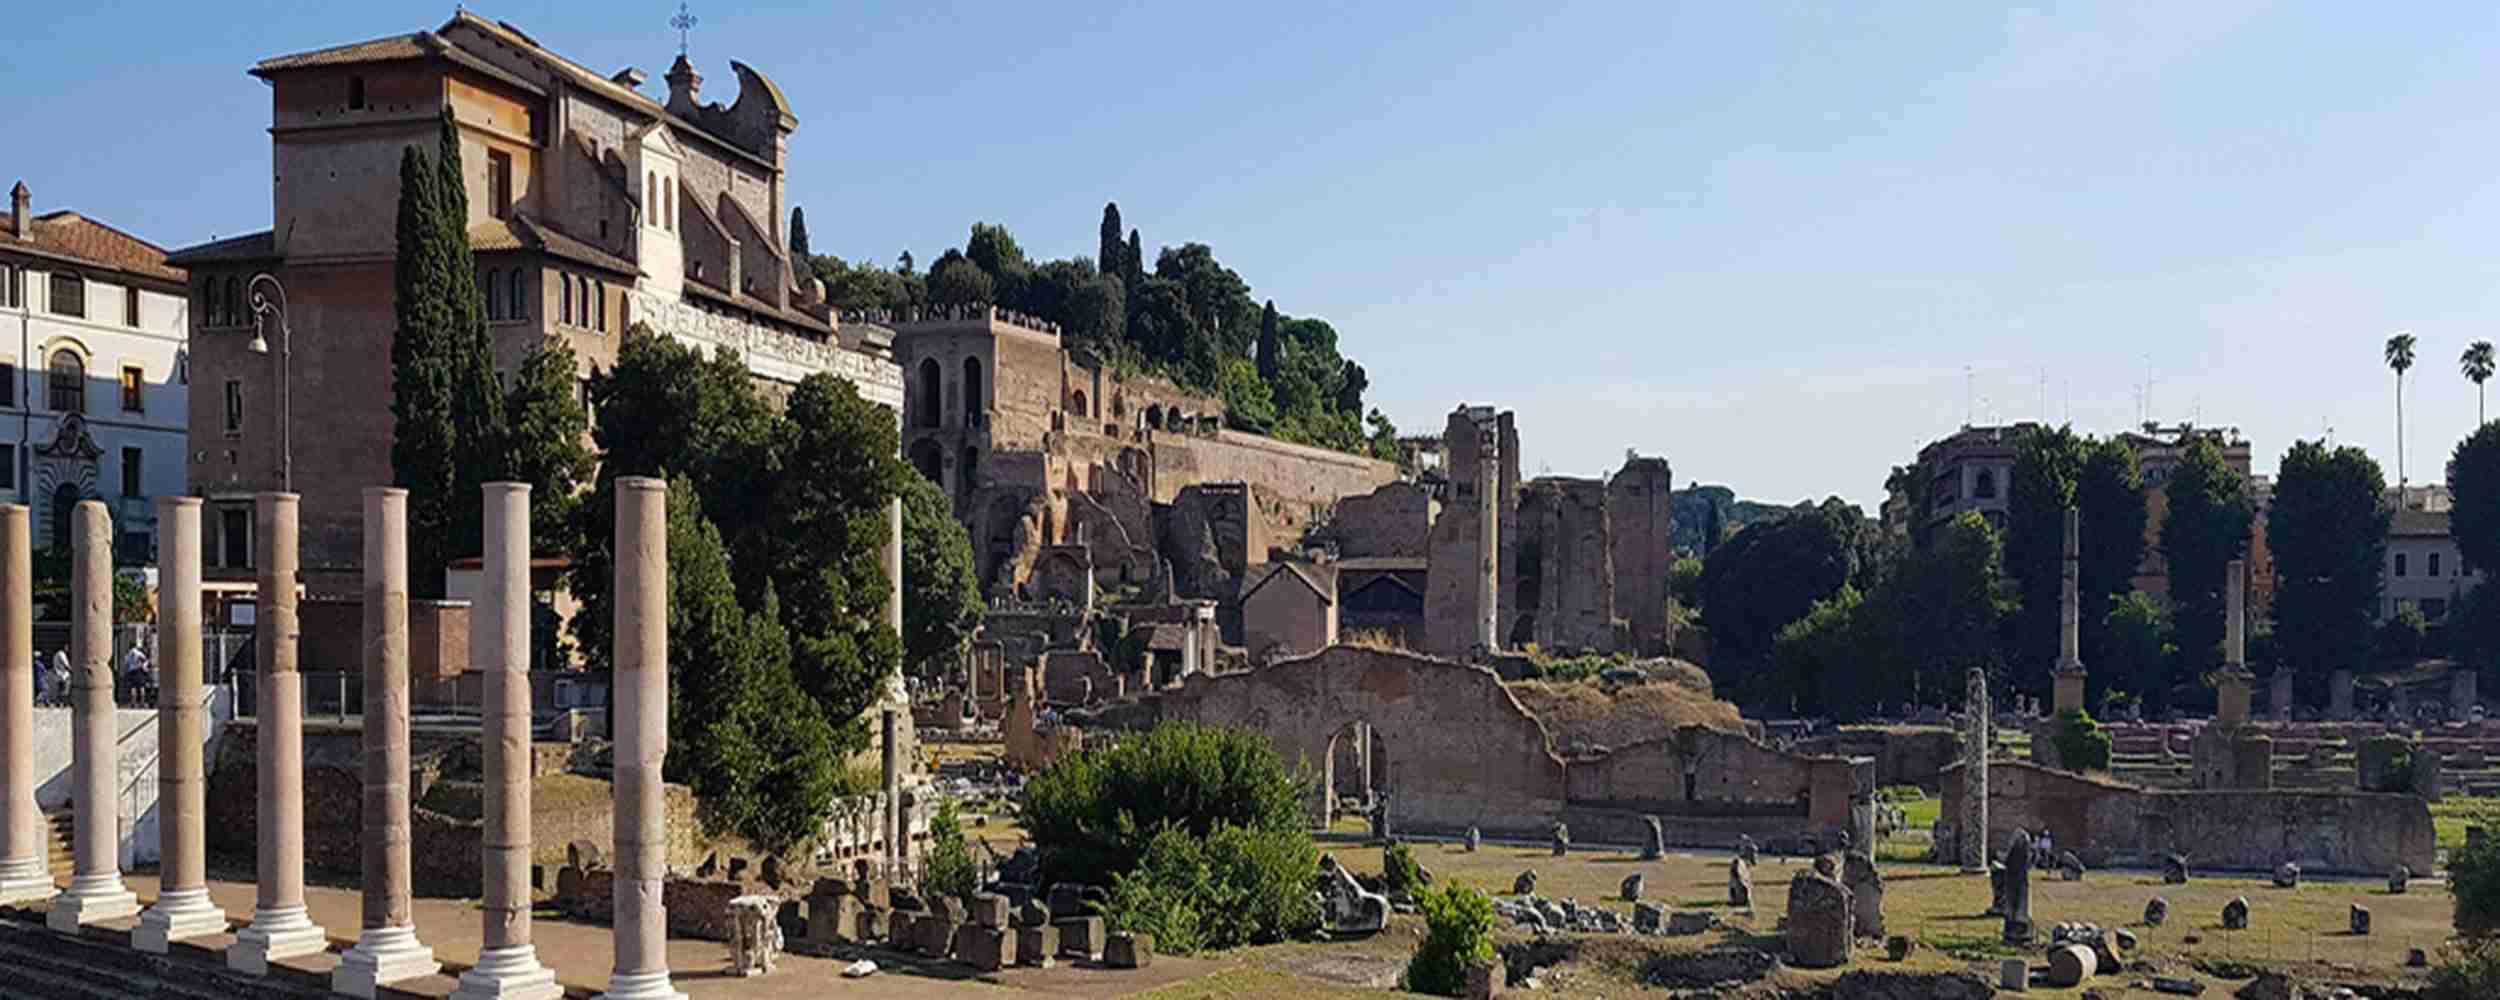 Visita guidata a Roma in un giorno Vaticano Colosseo Fontane Piazze - wow tour